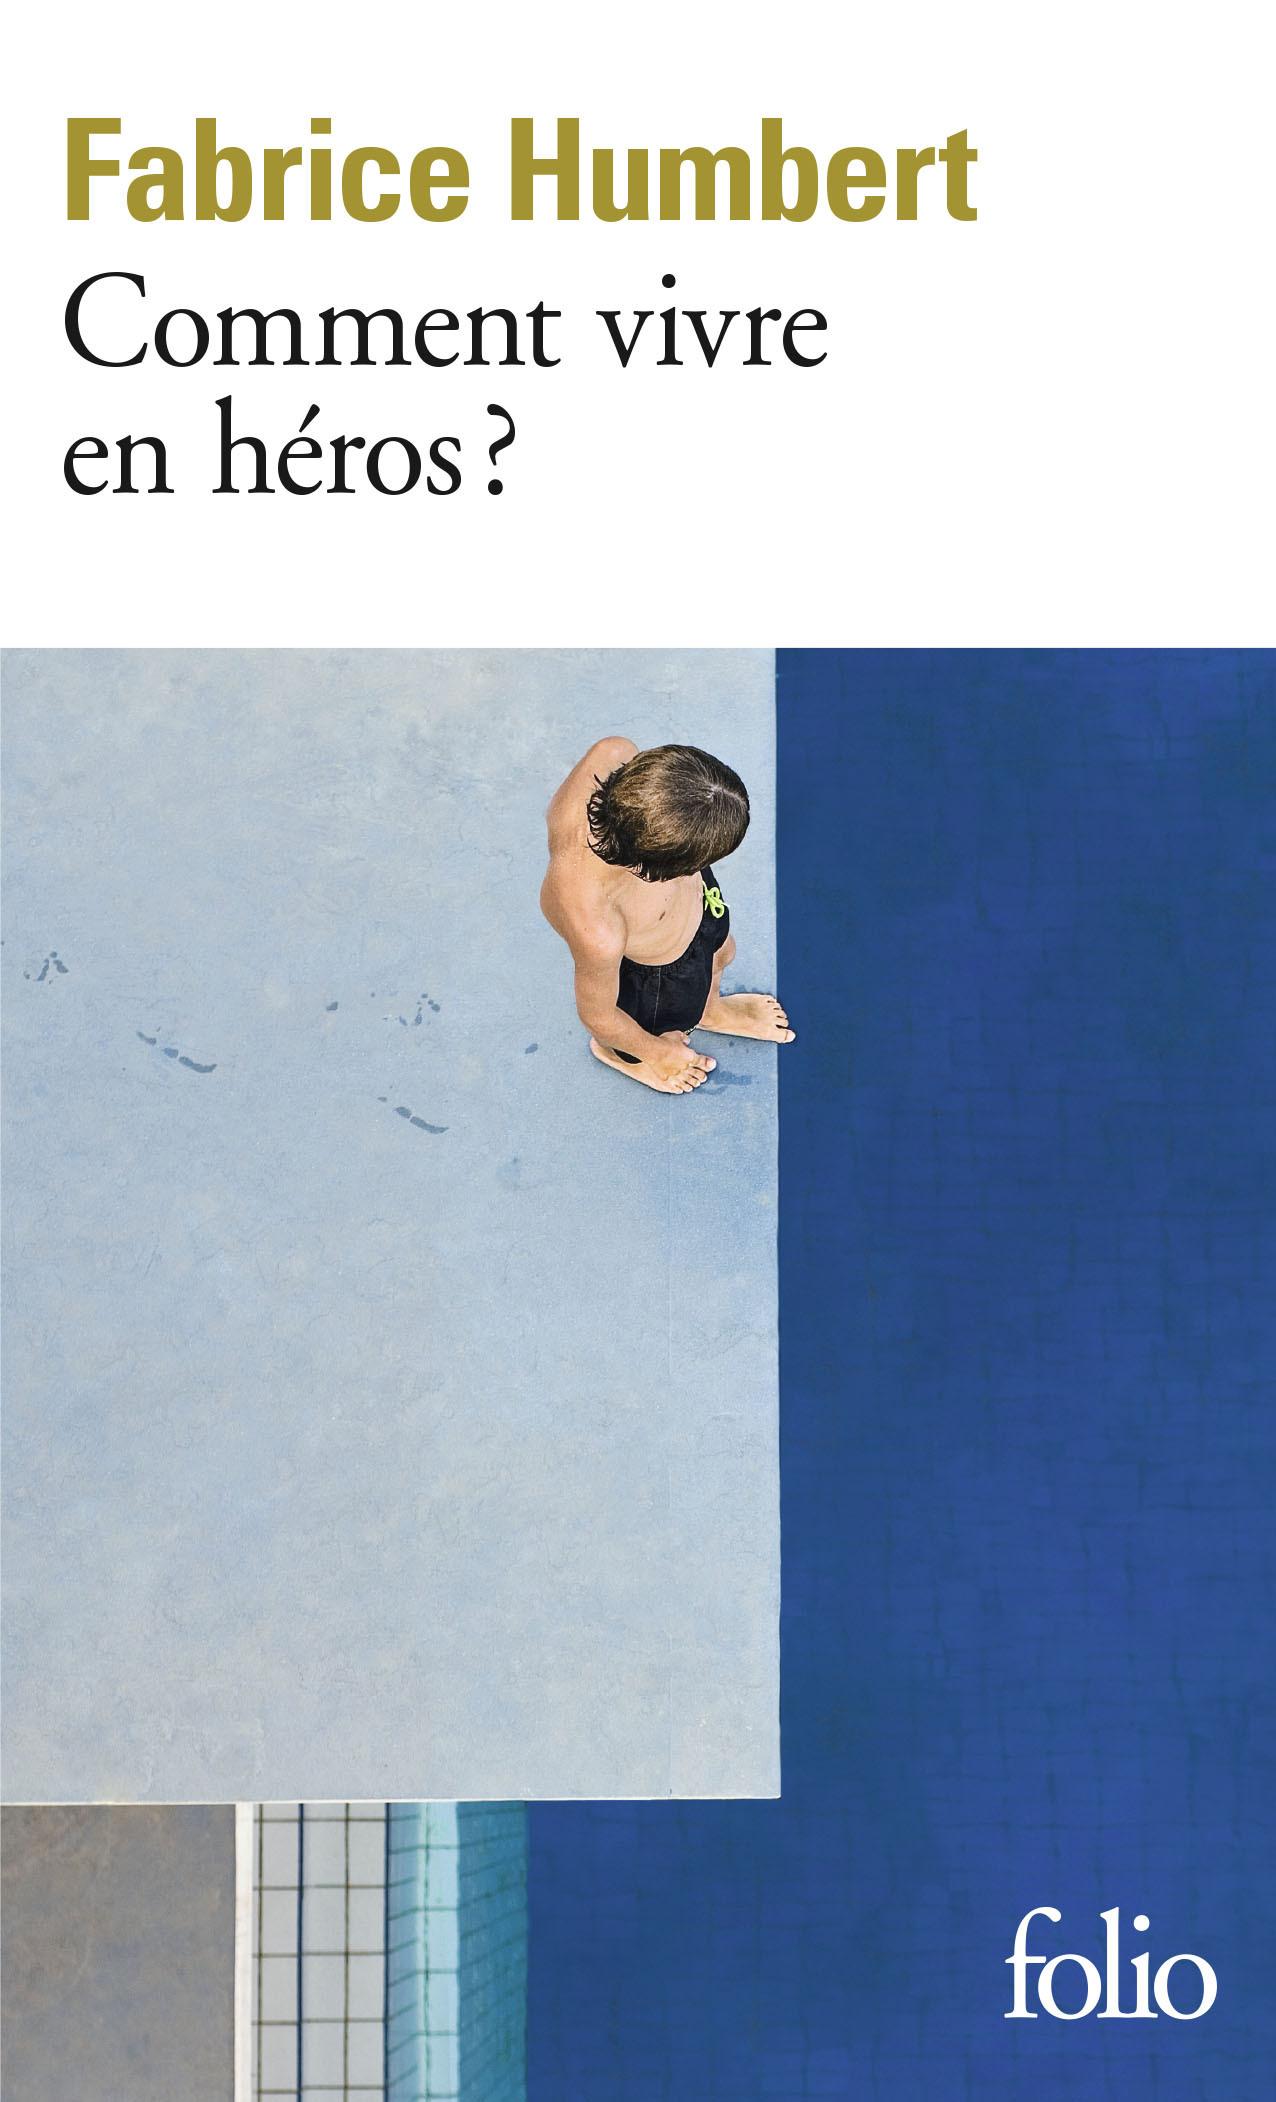 COMMENT VIVRE EN HEROS ?